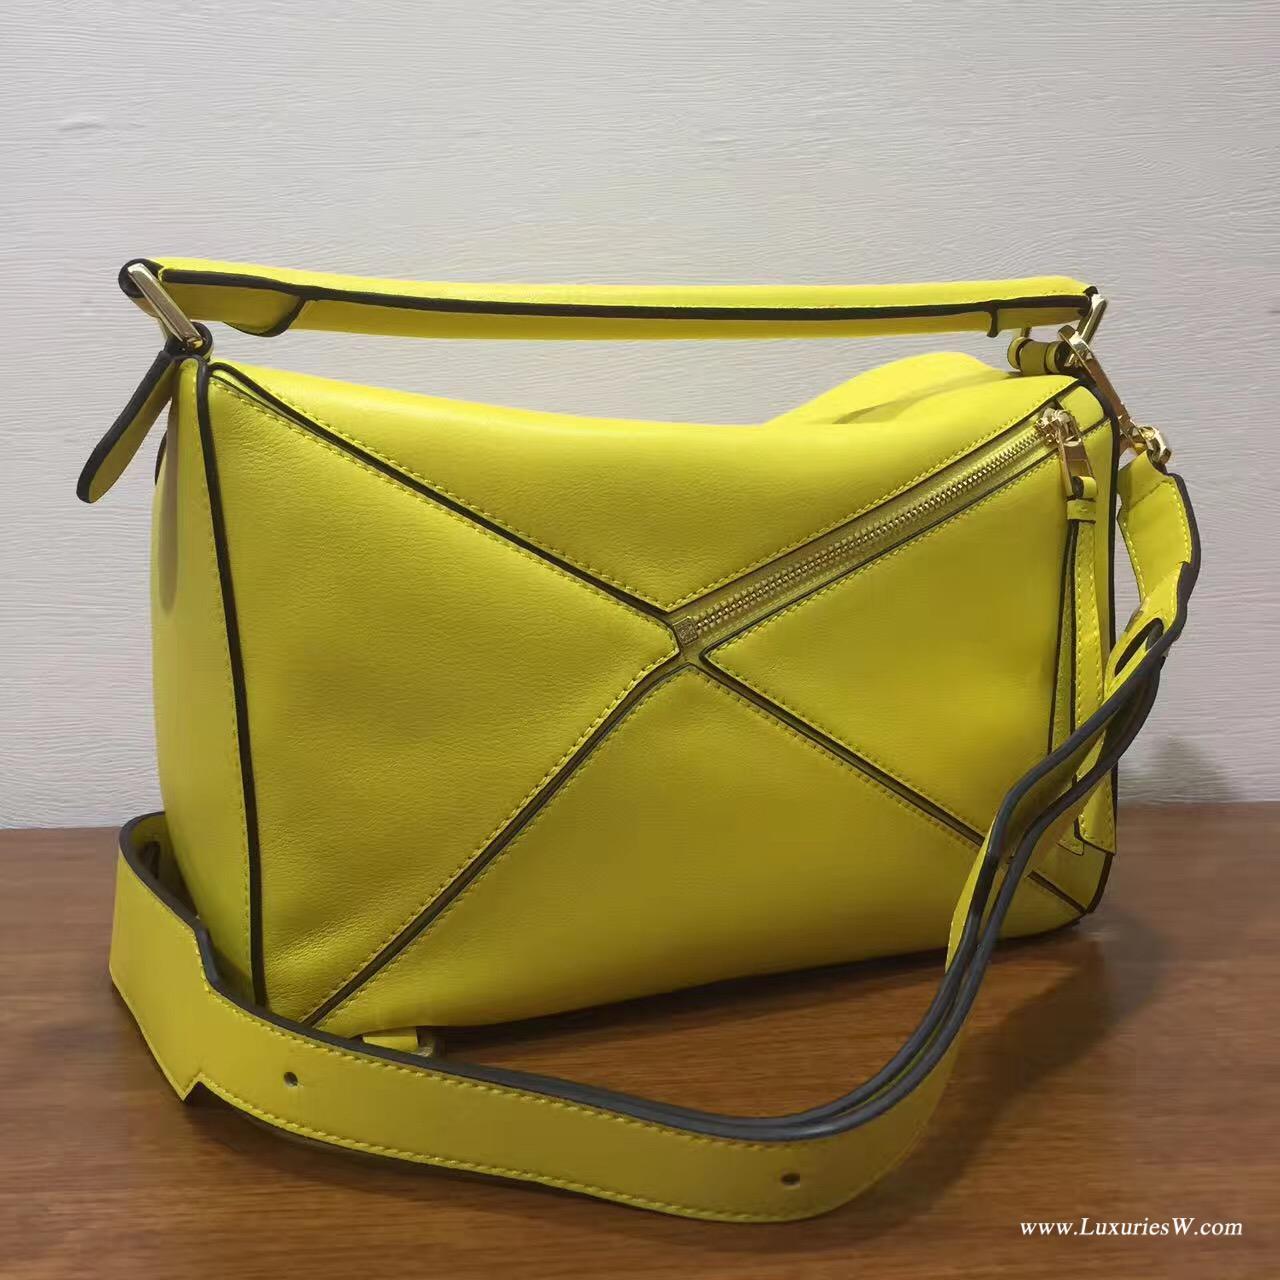 羅意威LOEWE包包 中號 Puzzle Bag 柠檬黄色 30cm折疊單肩手提幾何包